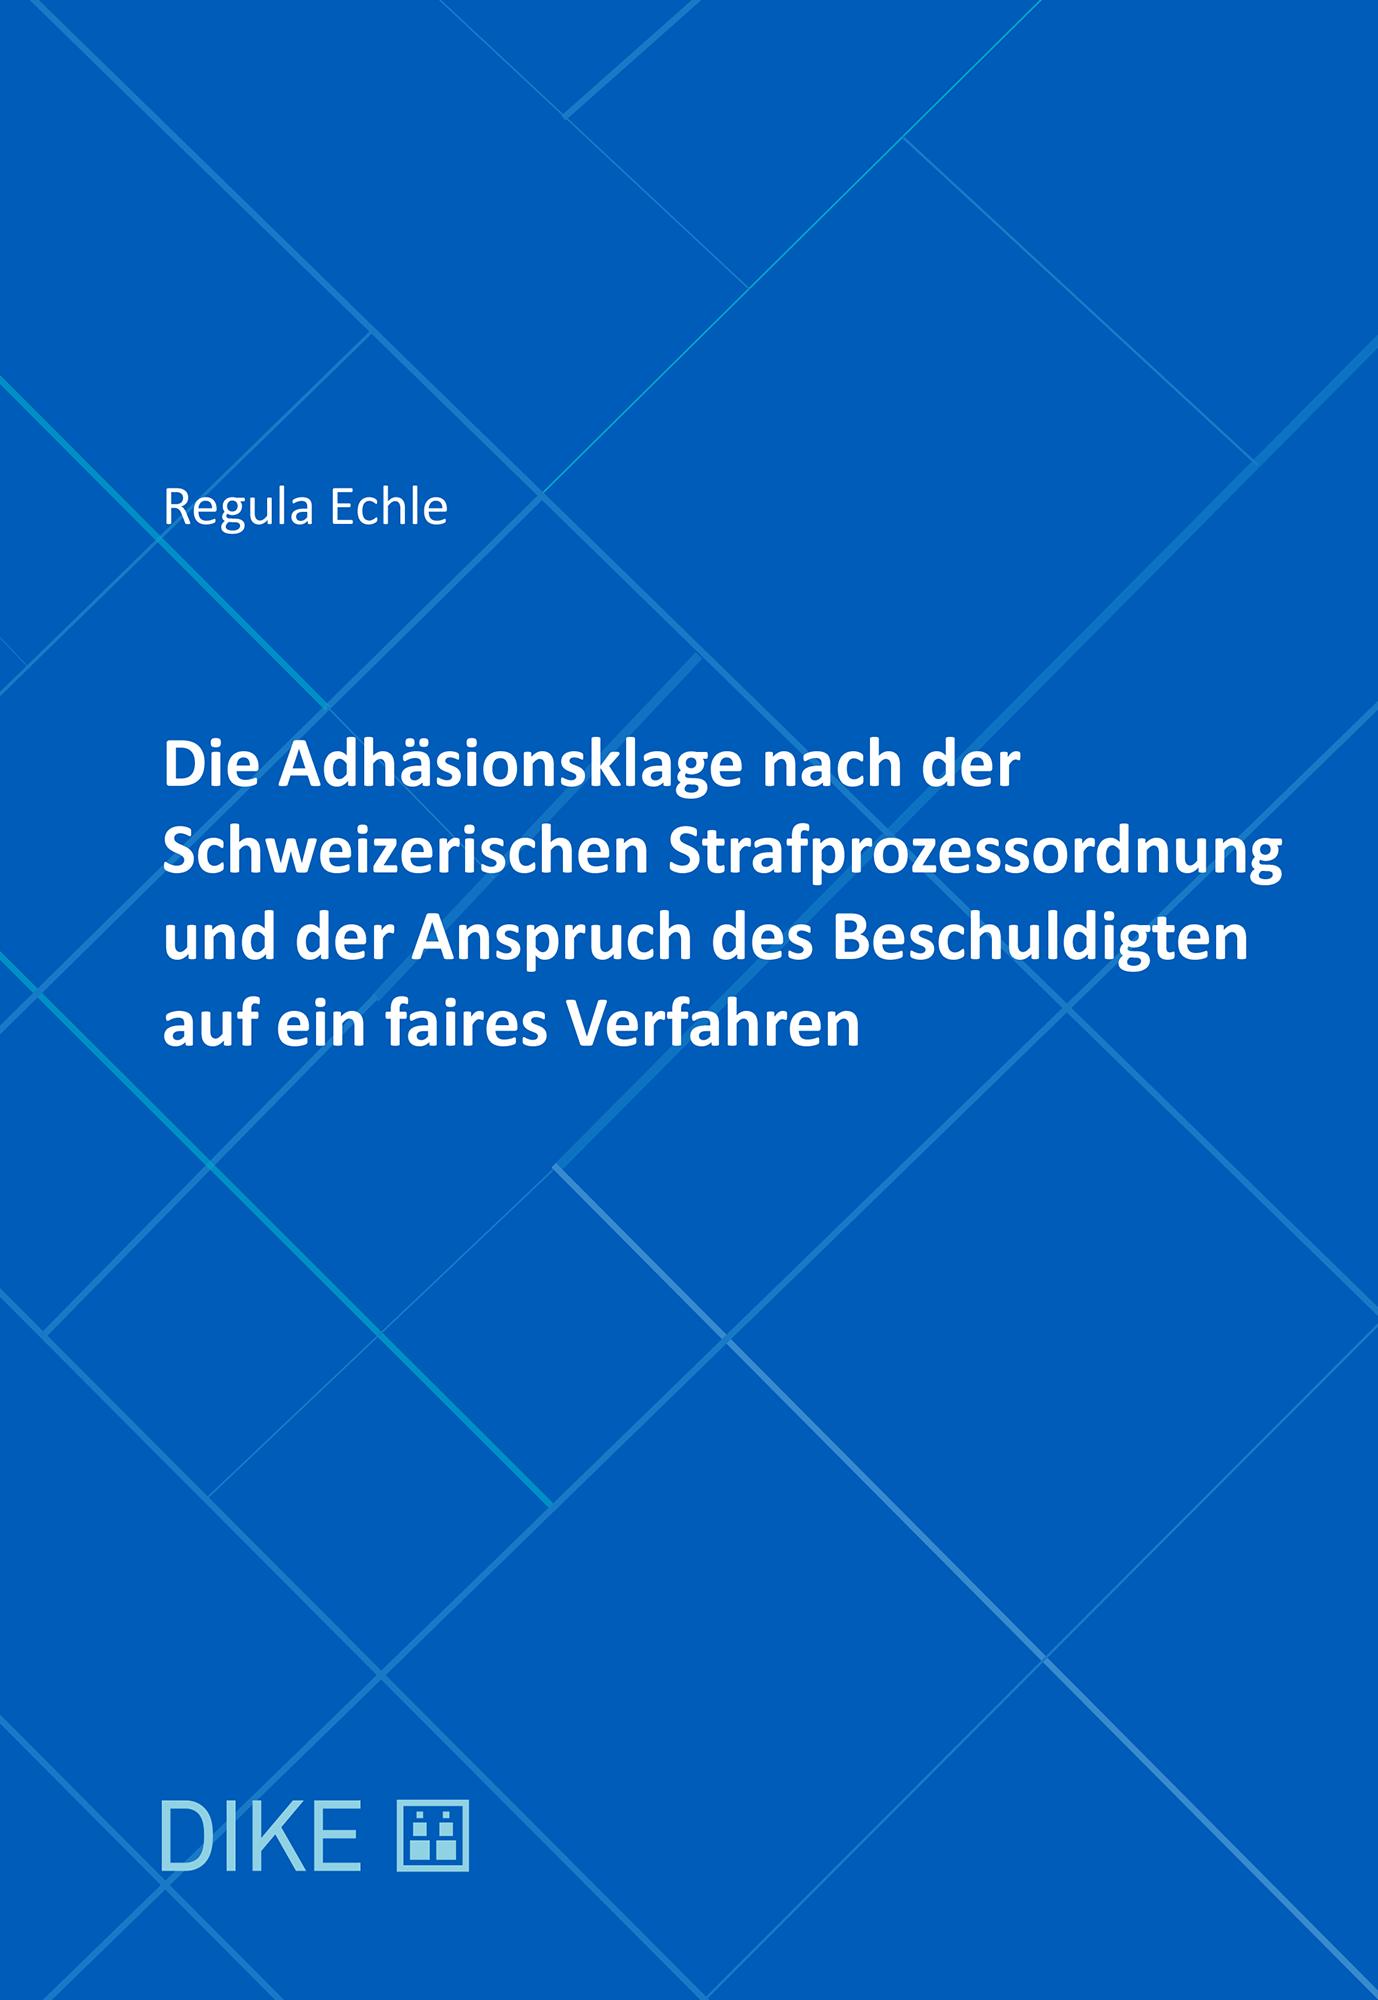 Die Adhäsionsklage nach der Schweizerischen Strafprozessordnung und der Anspruch des Beschuldigten auf ein faires Verfahren